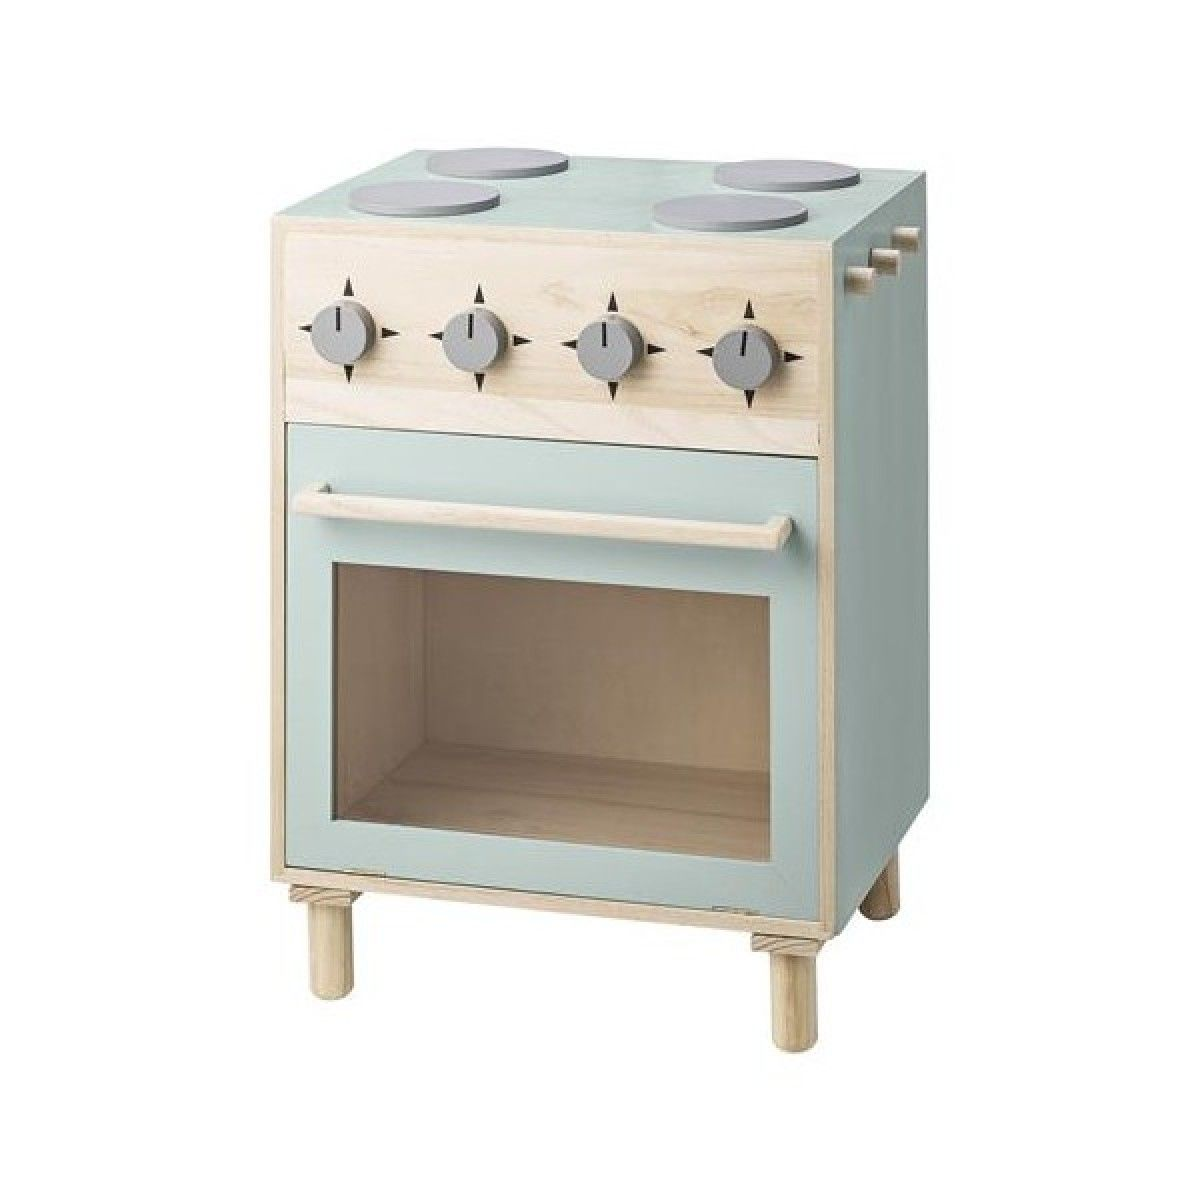 BLOOMINGVILLE Mini play Stove Mint | kombuisies | Mini stove ...